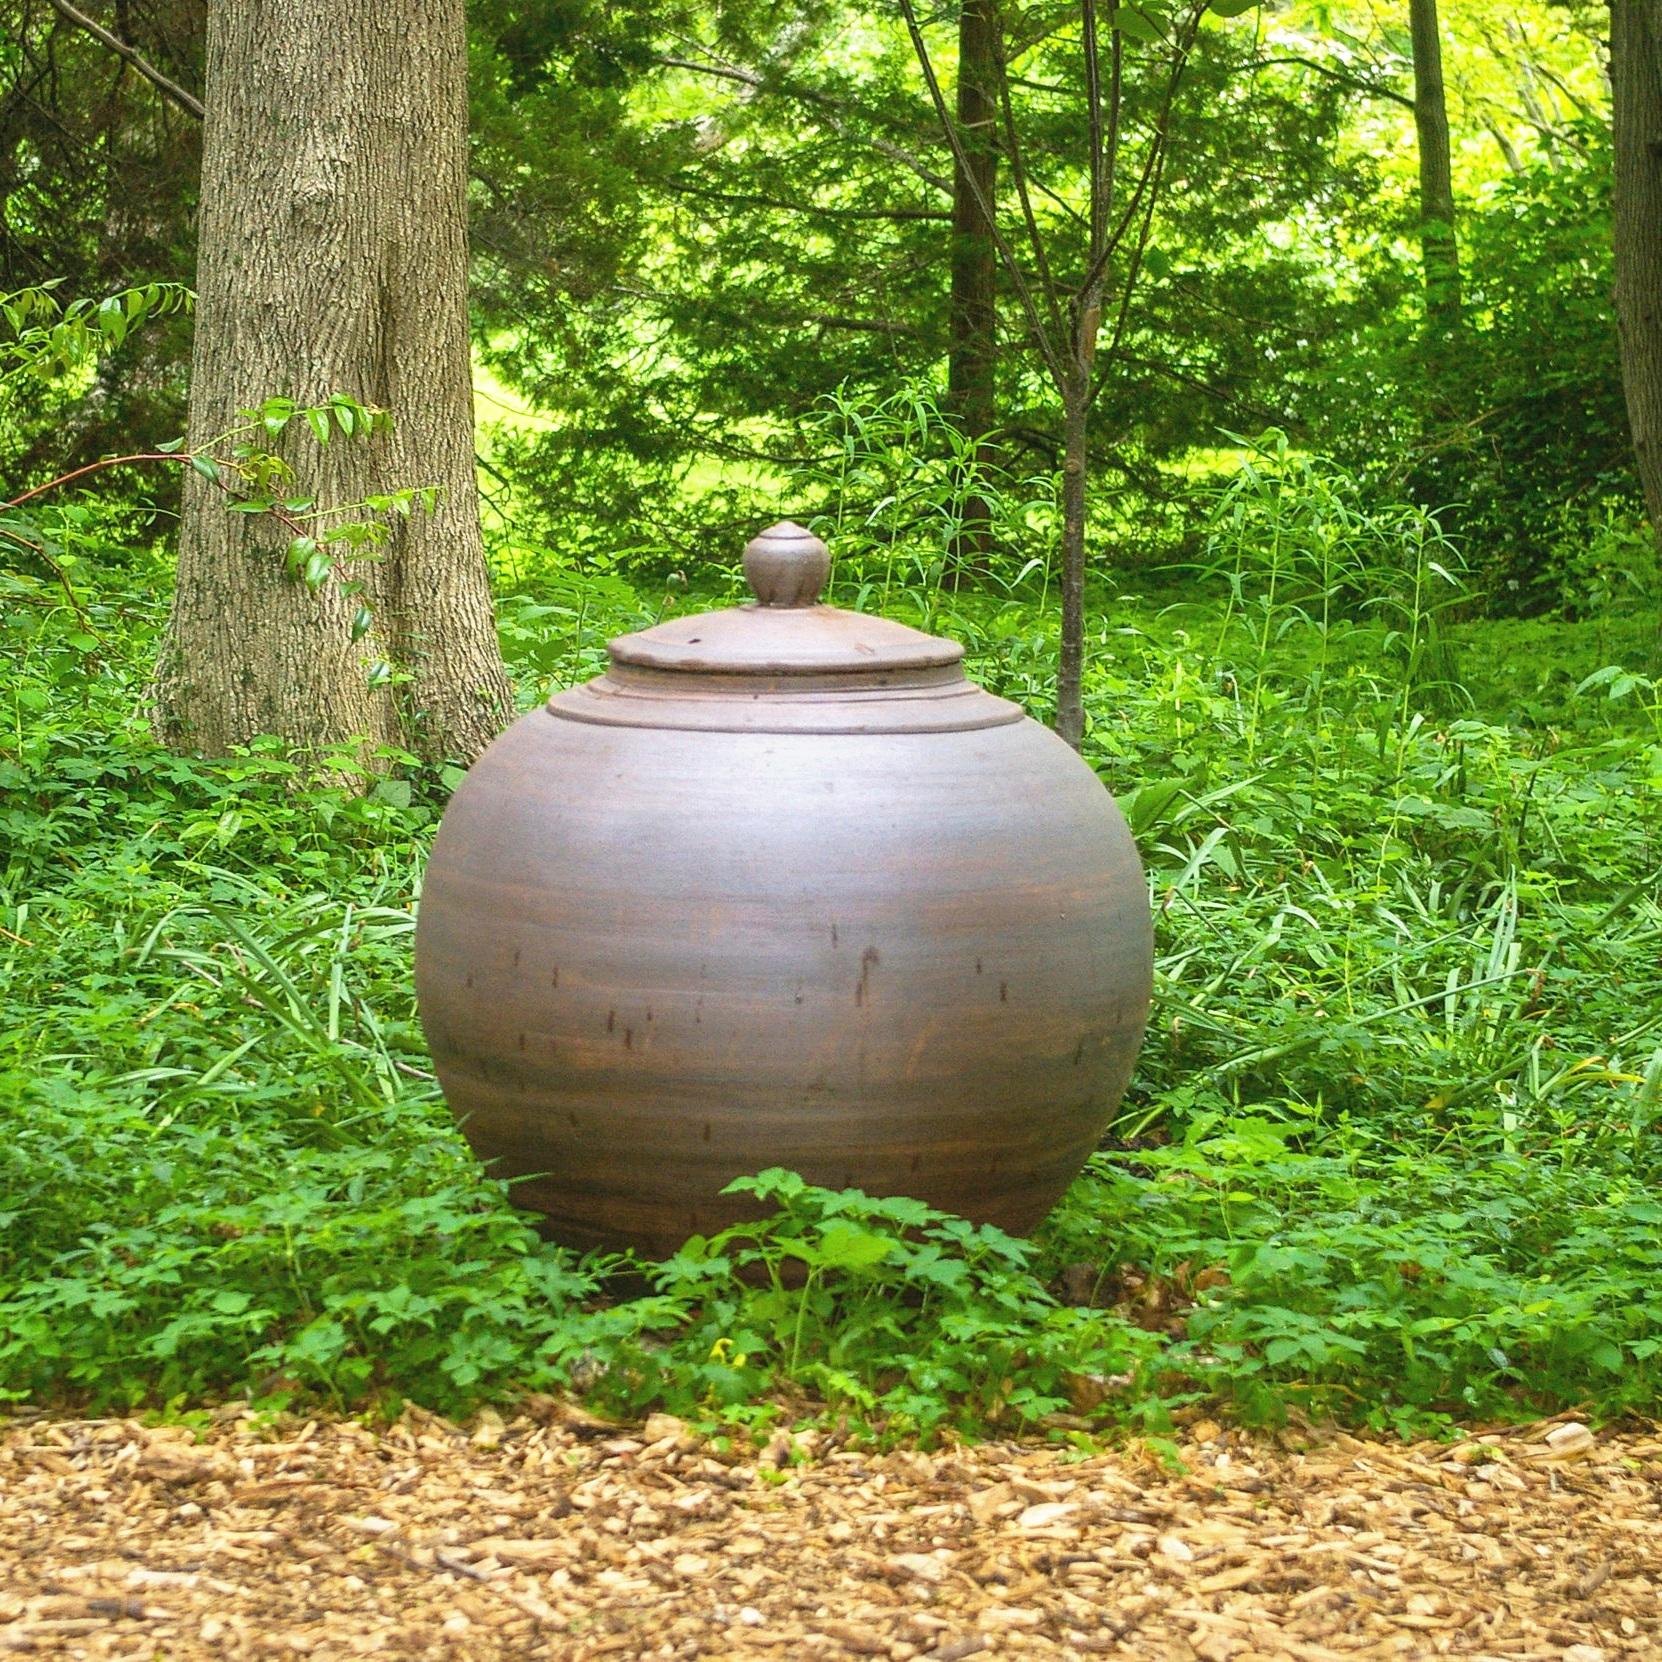 Buddha belly vessel